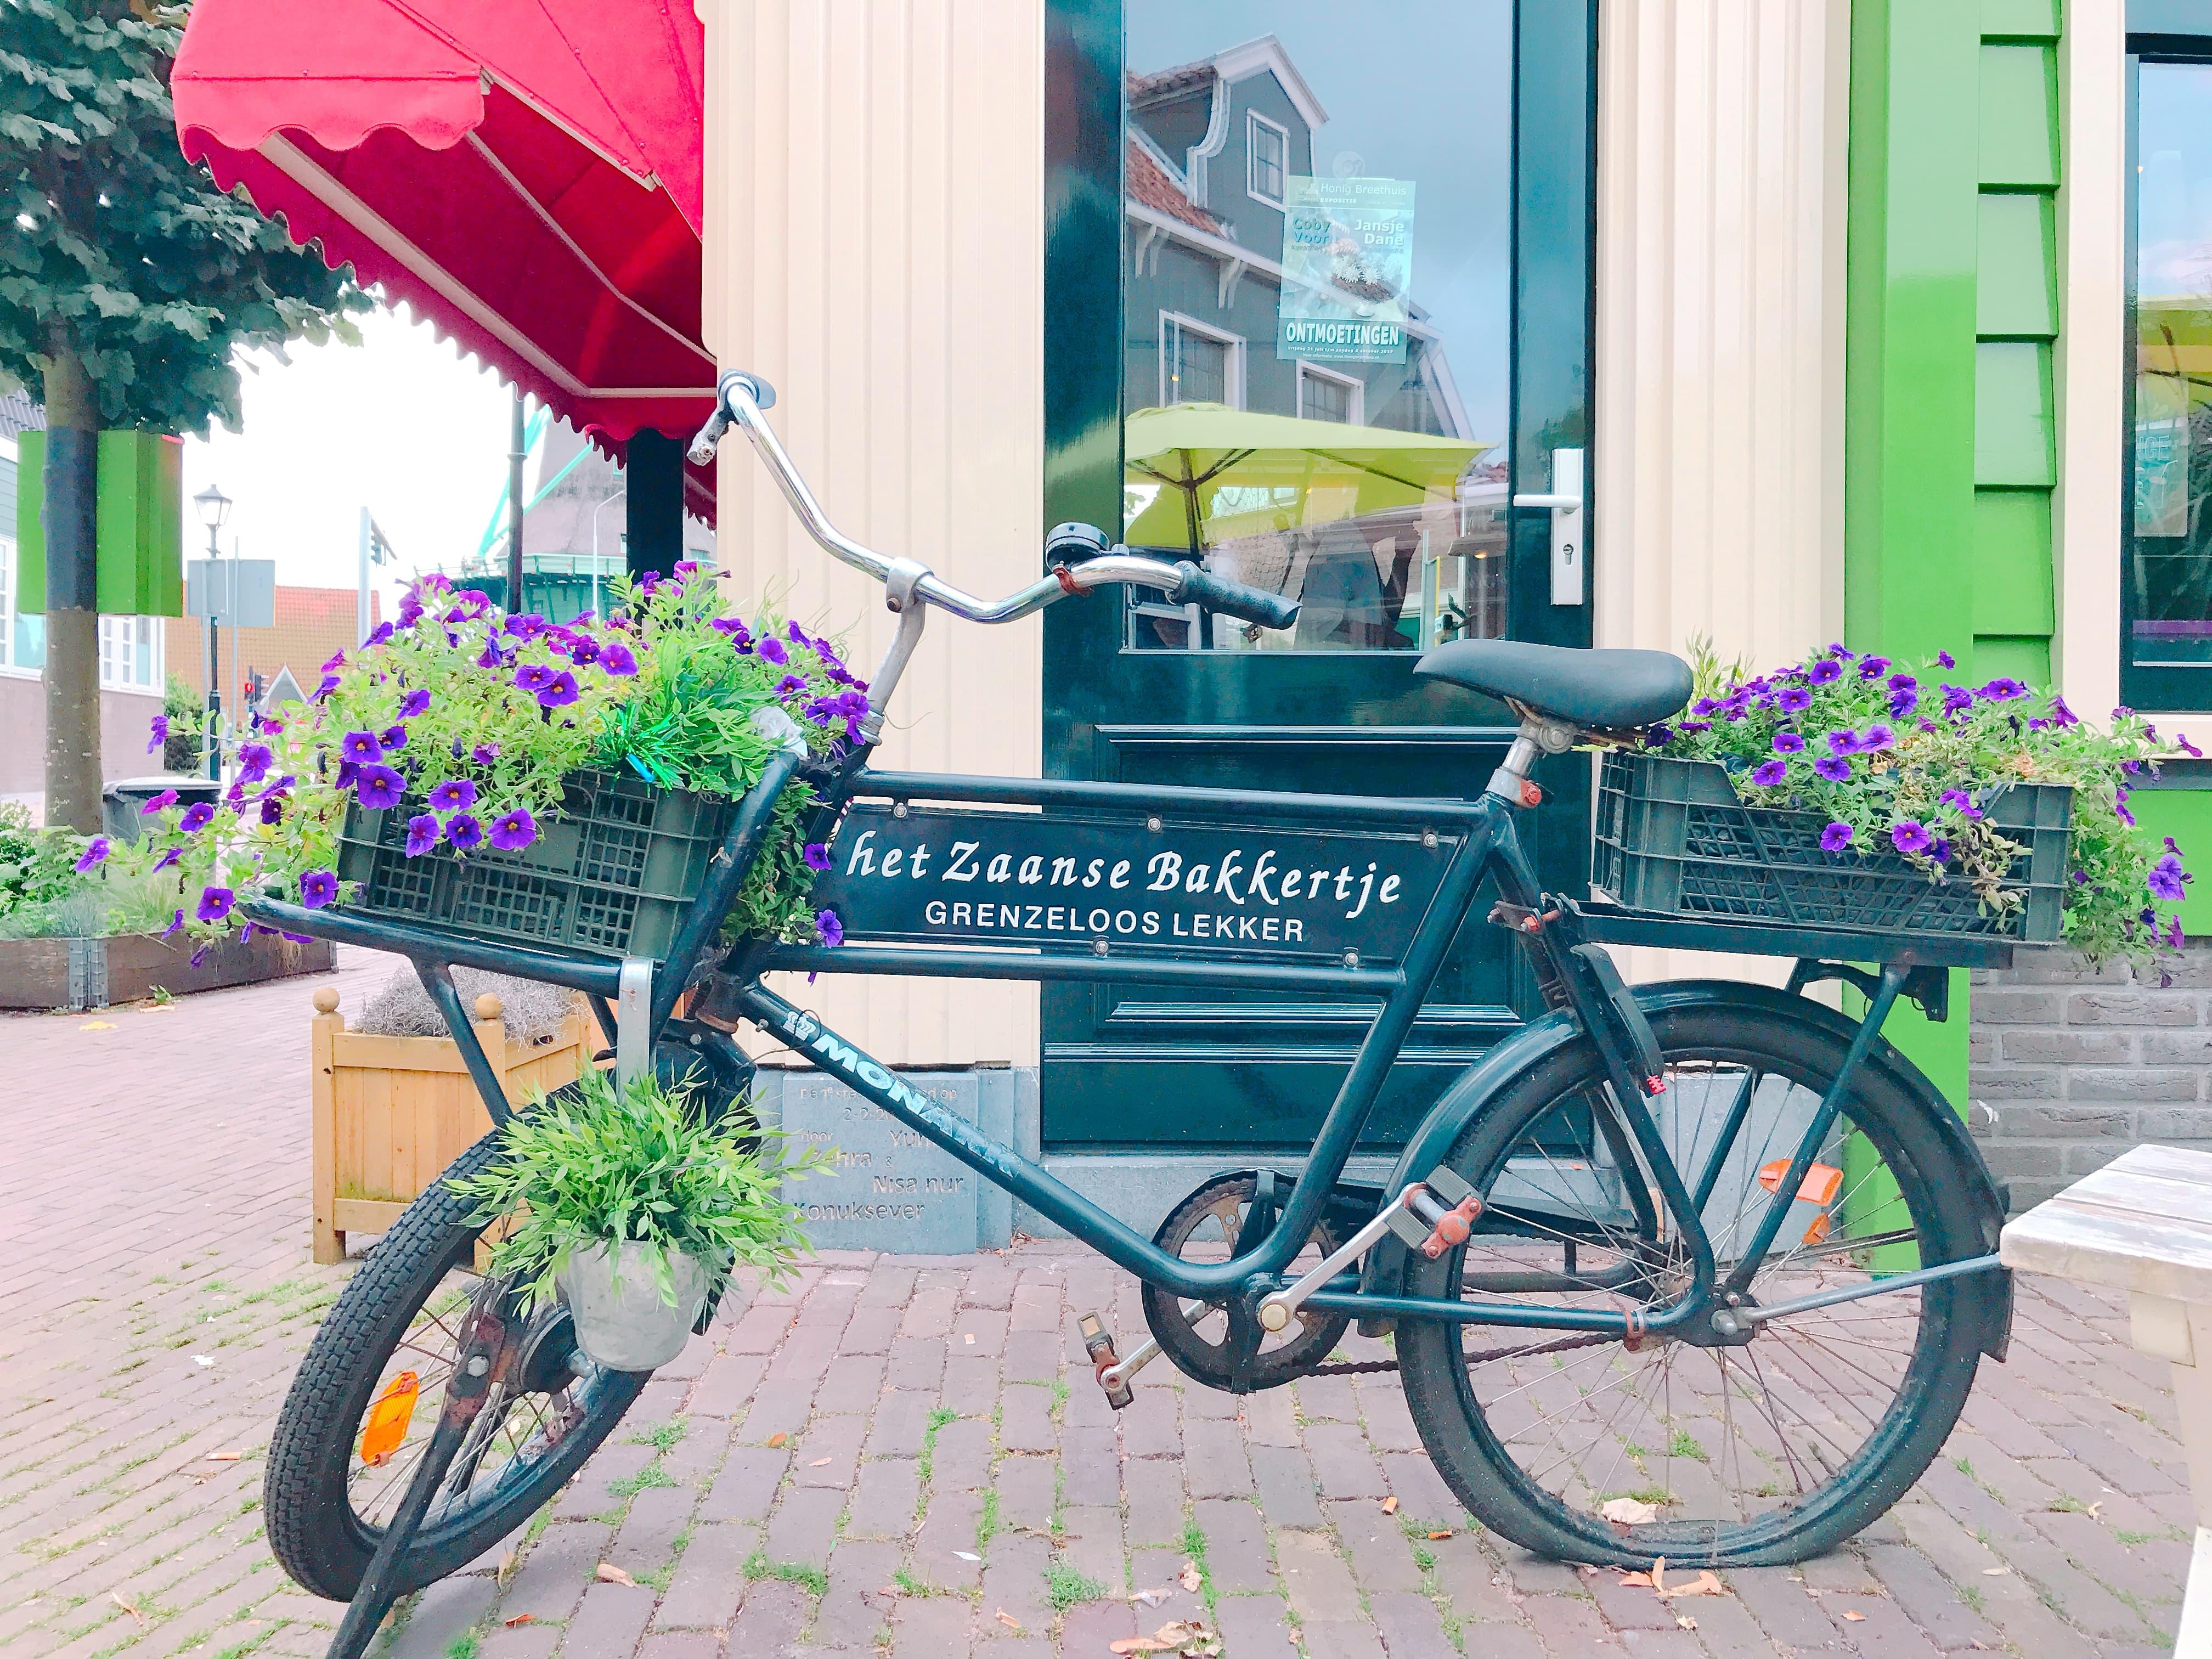 オランダ ザーンデイクの自転車